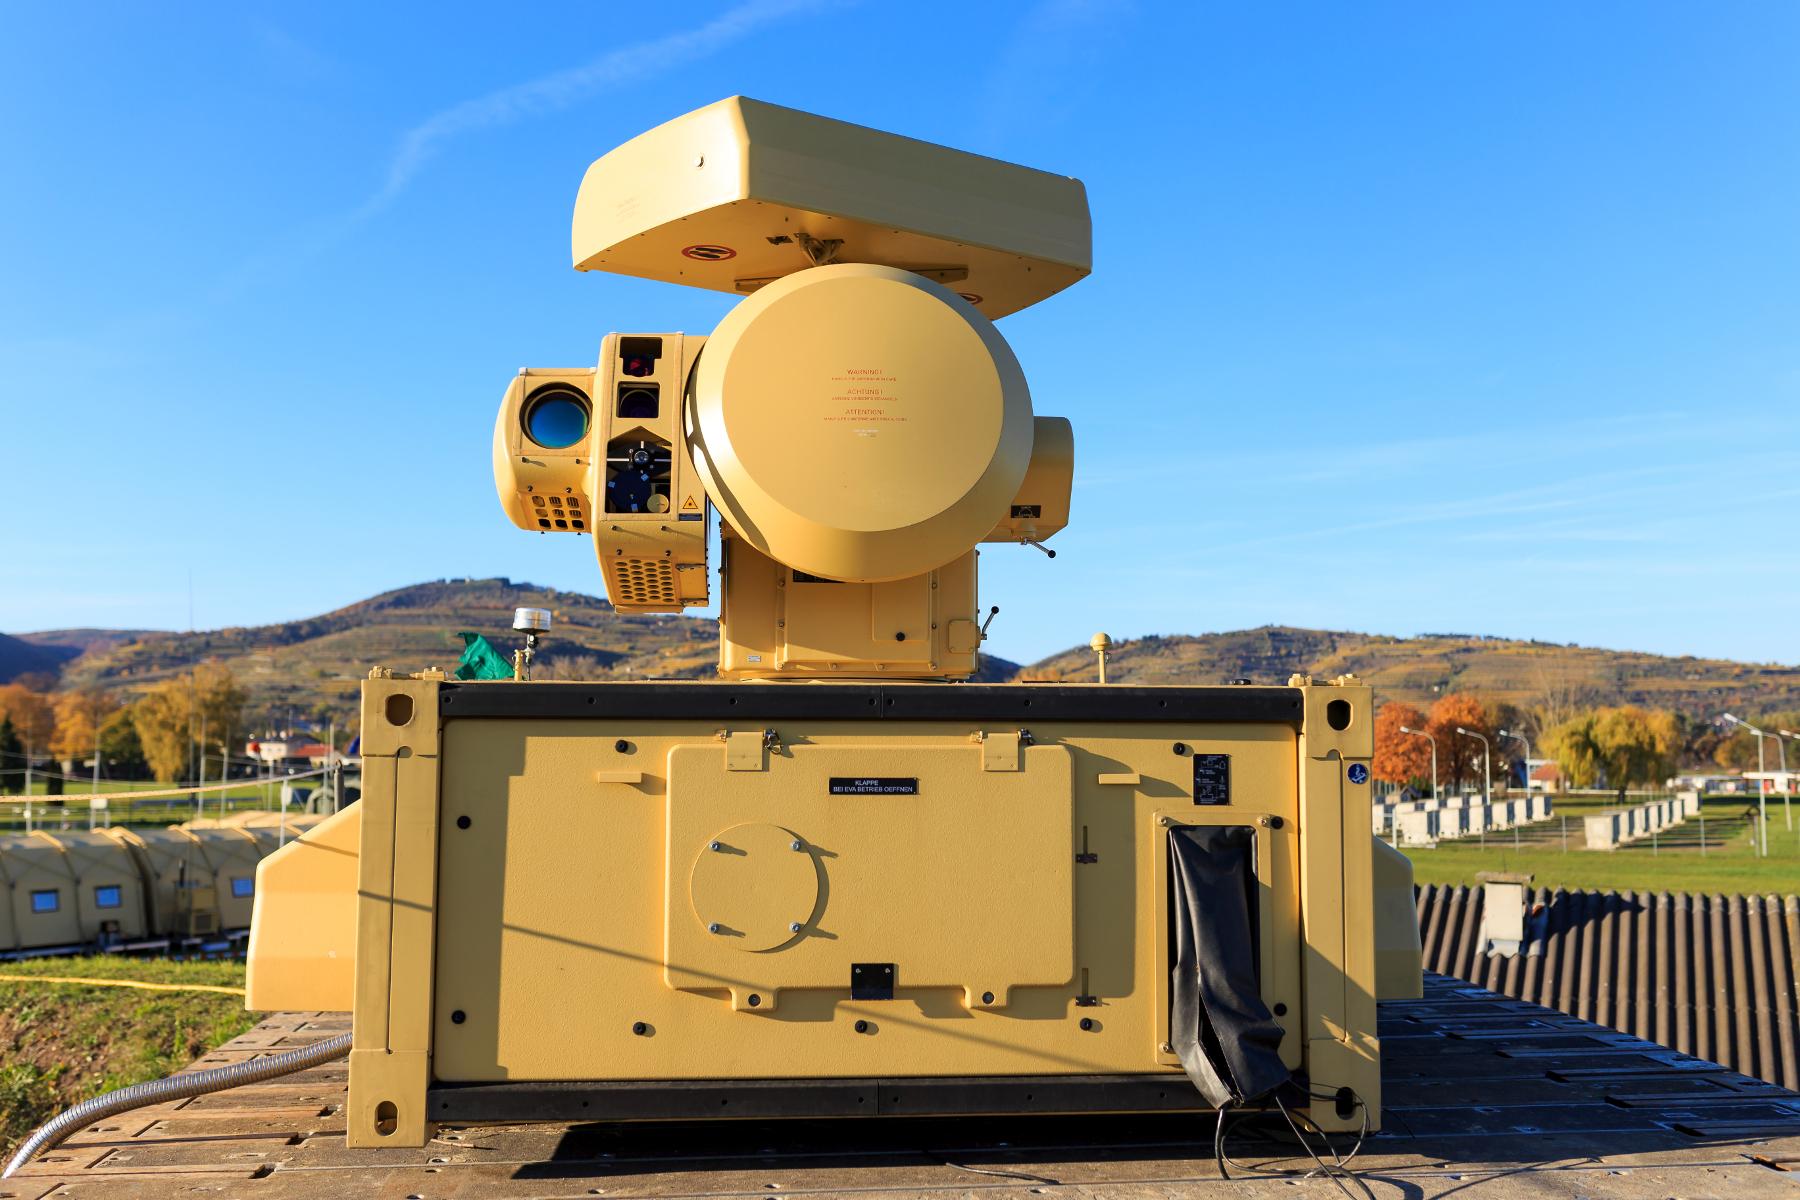 Das Auge von Mantis überwacht bald den Himmel über Camp Castor in Mali. (Quelle: Luftwaffe/Lars Koch) |